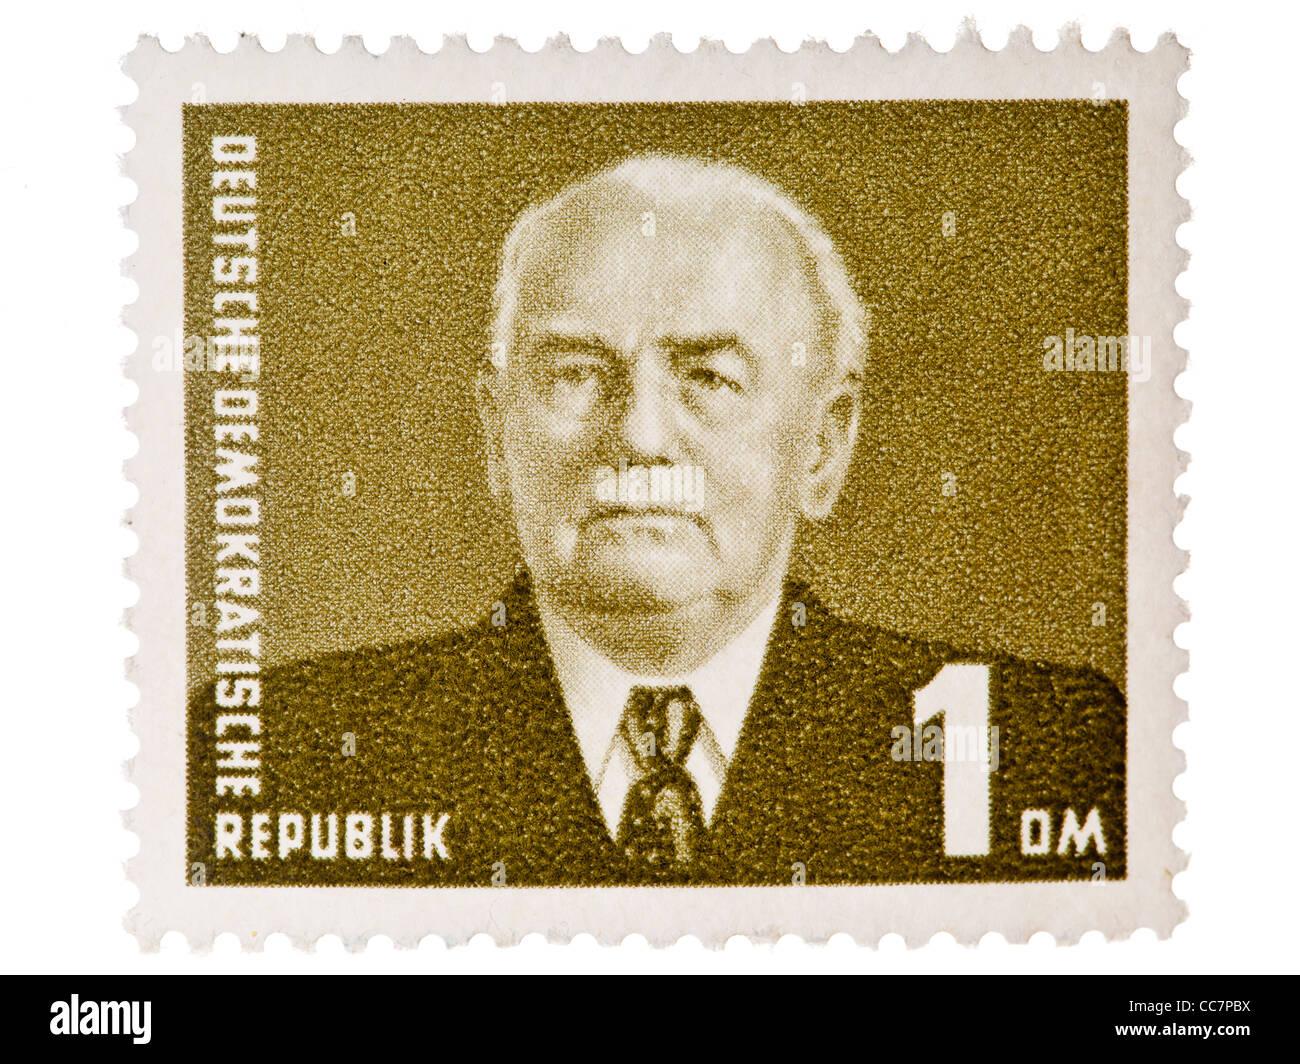 Postage stamp: DDR, 1953/55, Wilhelm Pieck, 1 Deutsche Mark, mint condition - Stock Image